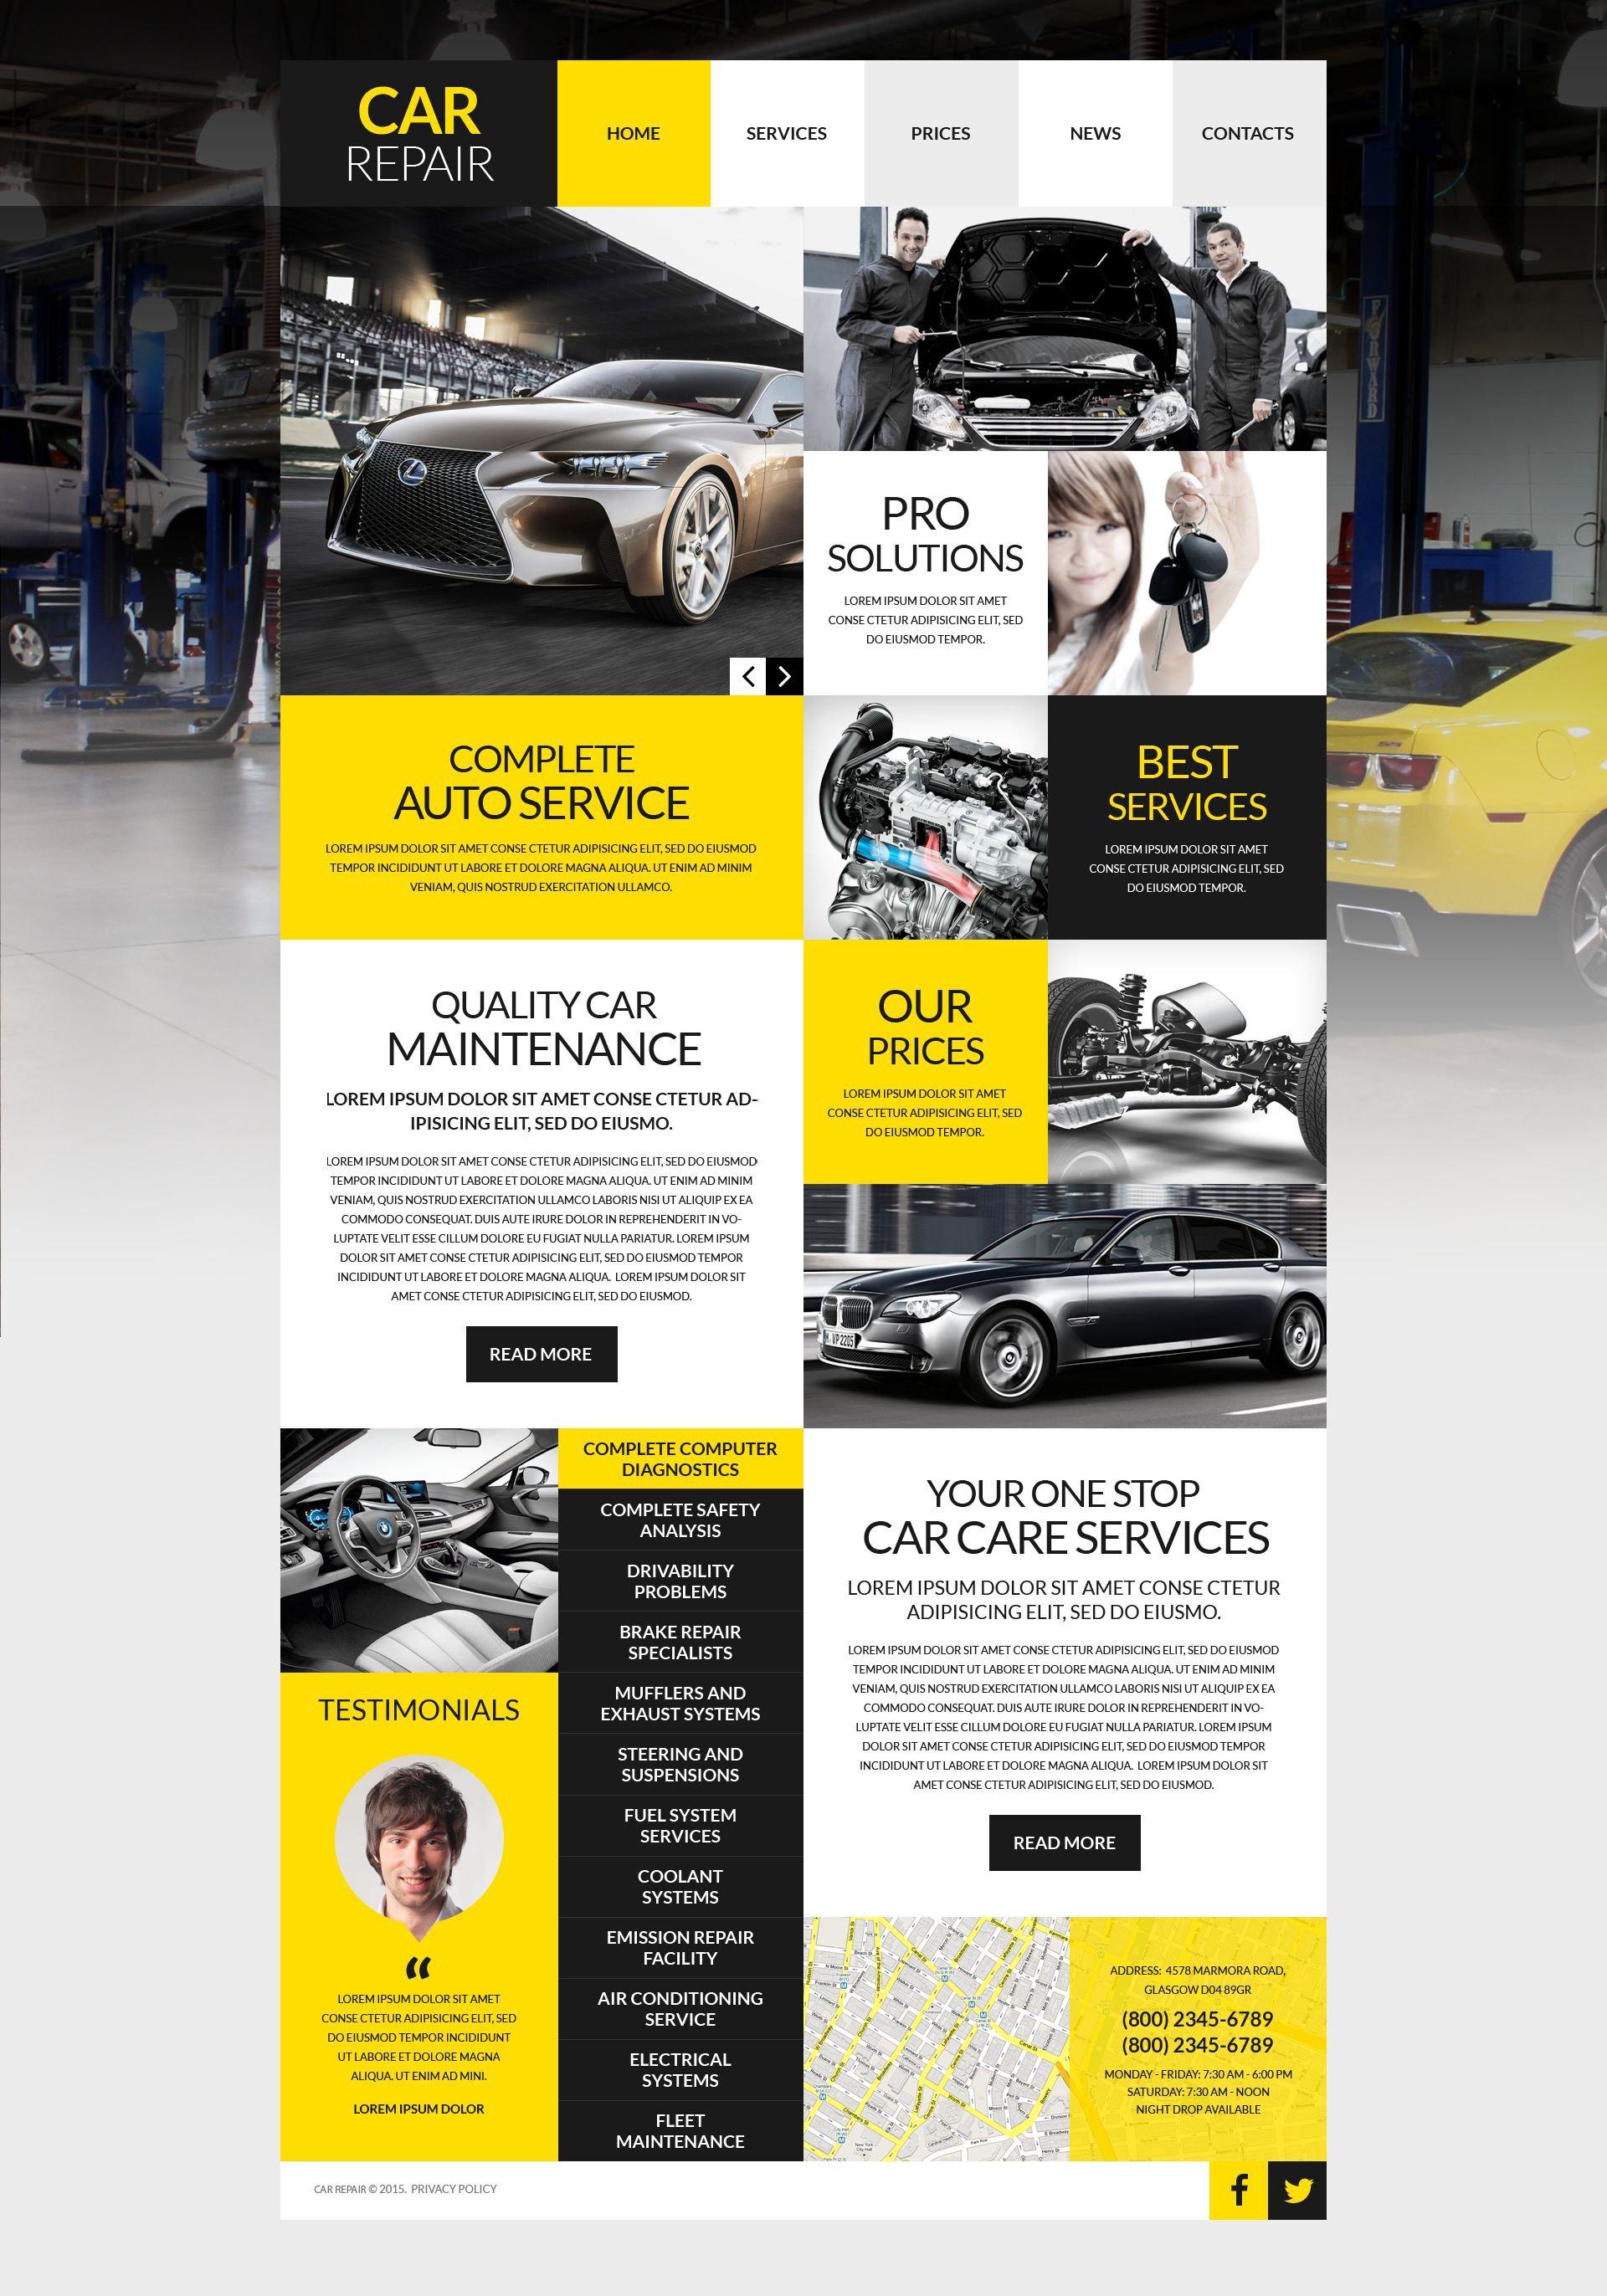 Szablon PSD Auto warsztat #55866 - zrzut ekranu